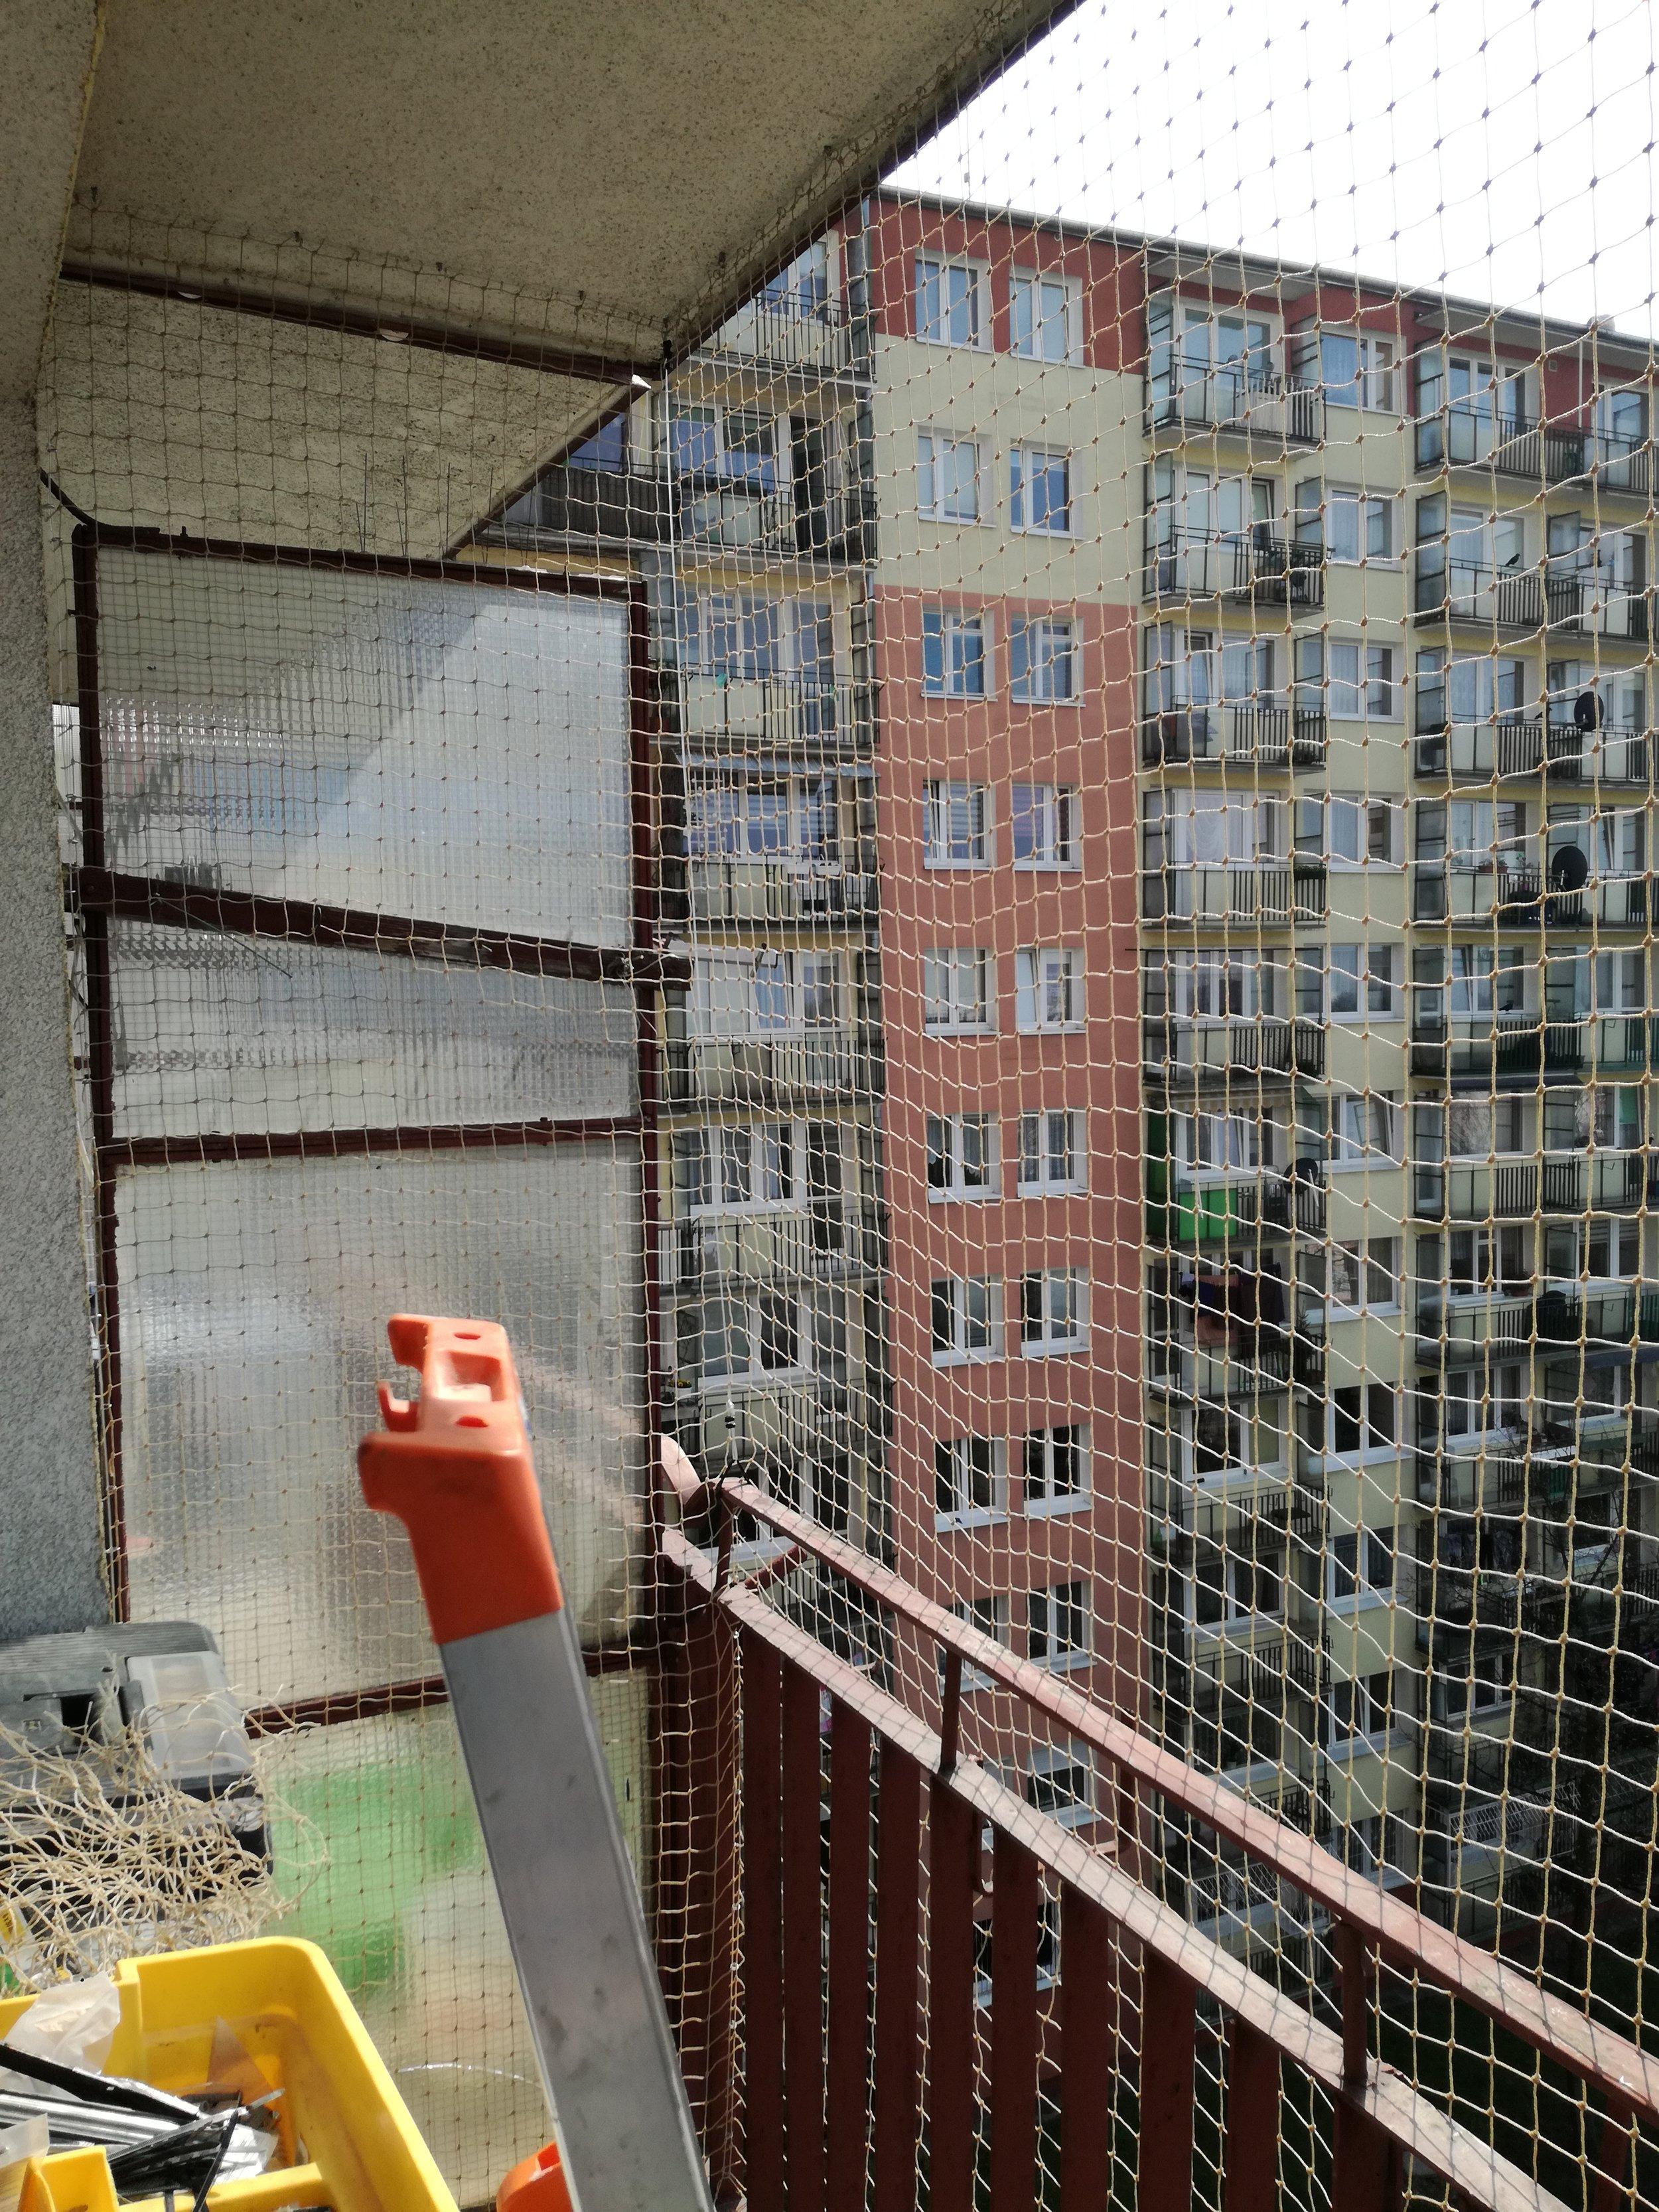 Siatka Metalowa Dla Kota Na Balkon Czy Bezpieczna